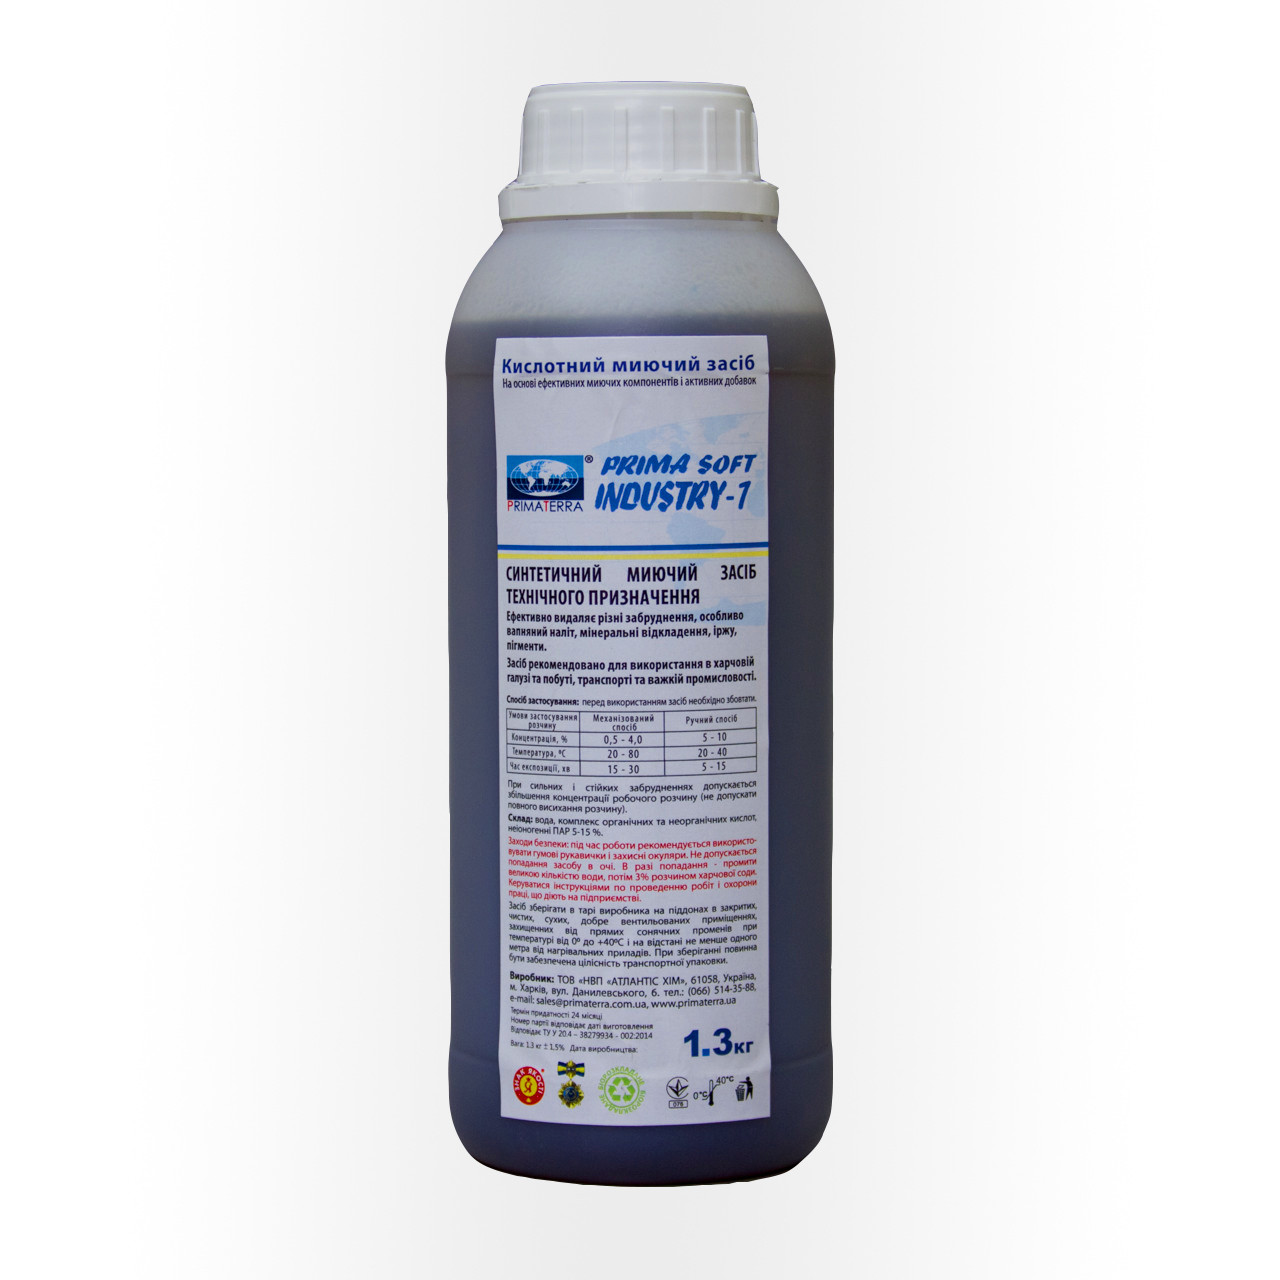 Концентрат для видалення відкладень, іржі, водного каменю Industry-1 (1,3 кг)